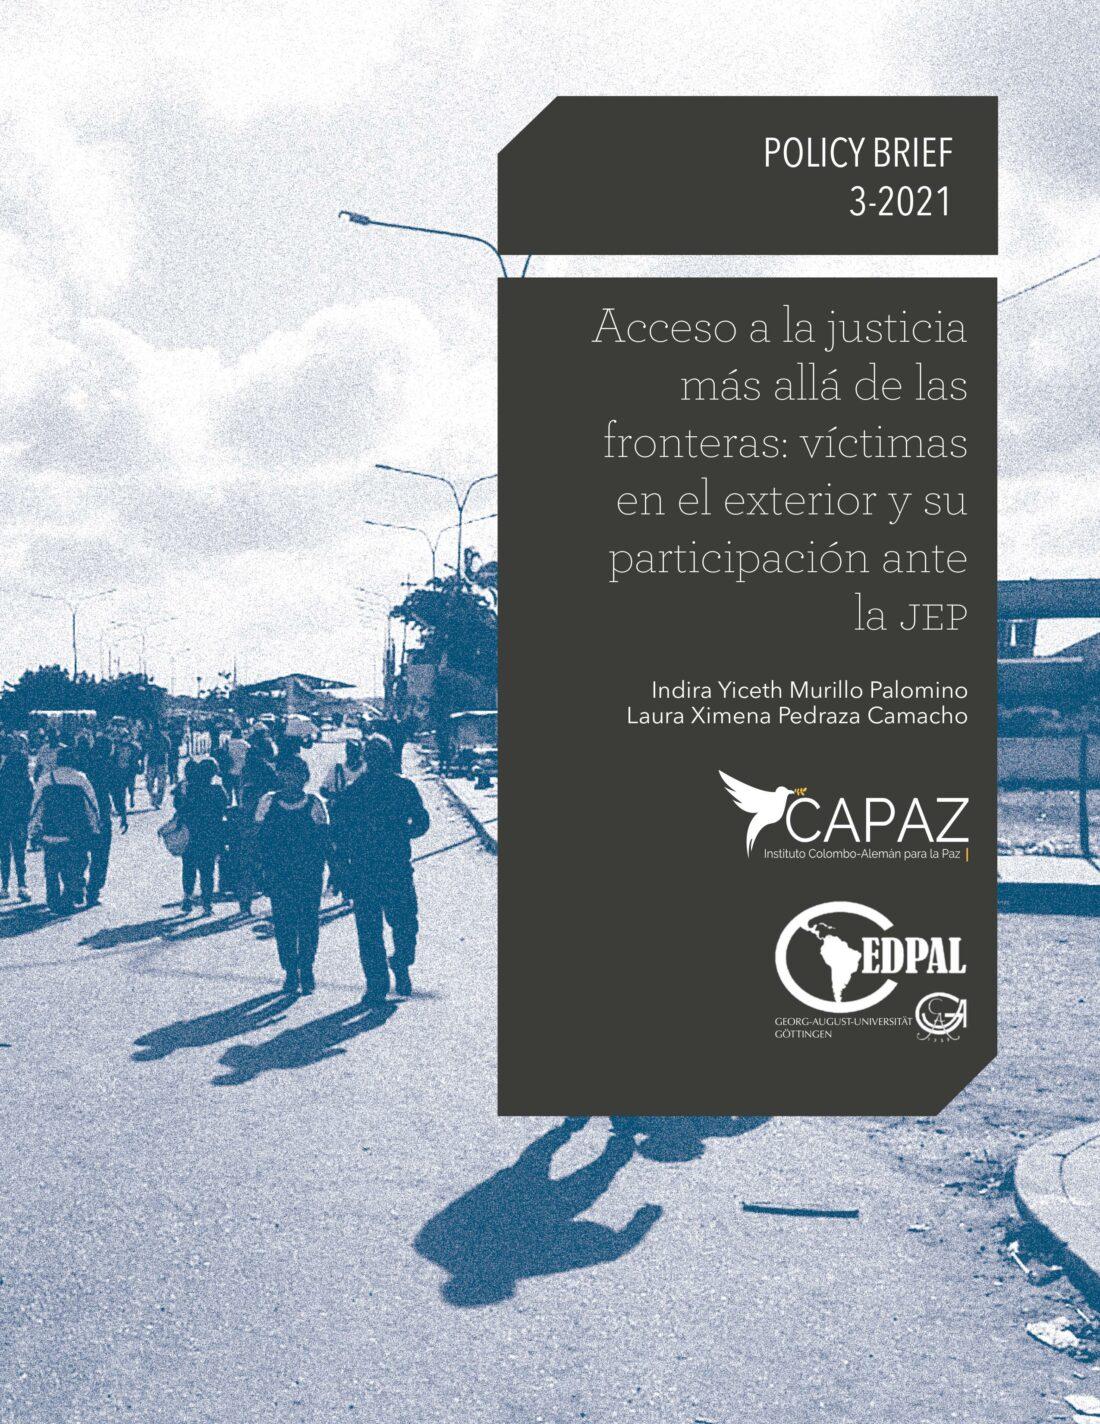 Portada del tercer policy brief o documento de recomendación política de la línea azul editorial del Instituto CAPAZ: